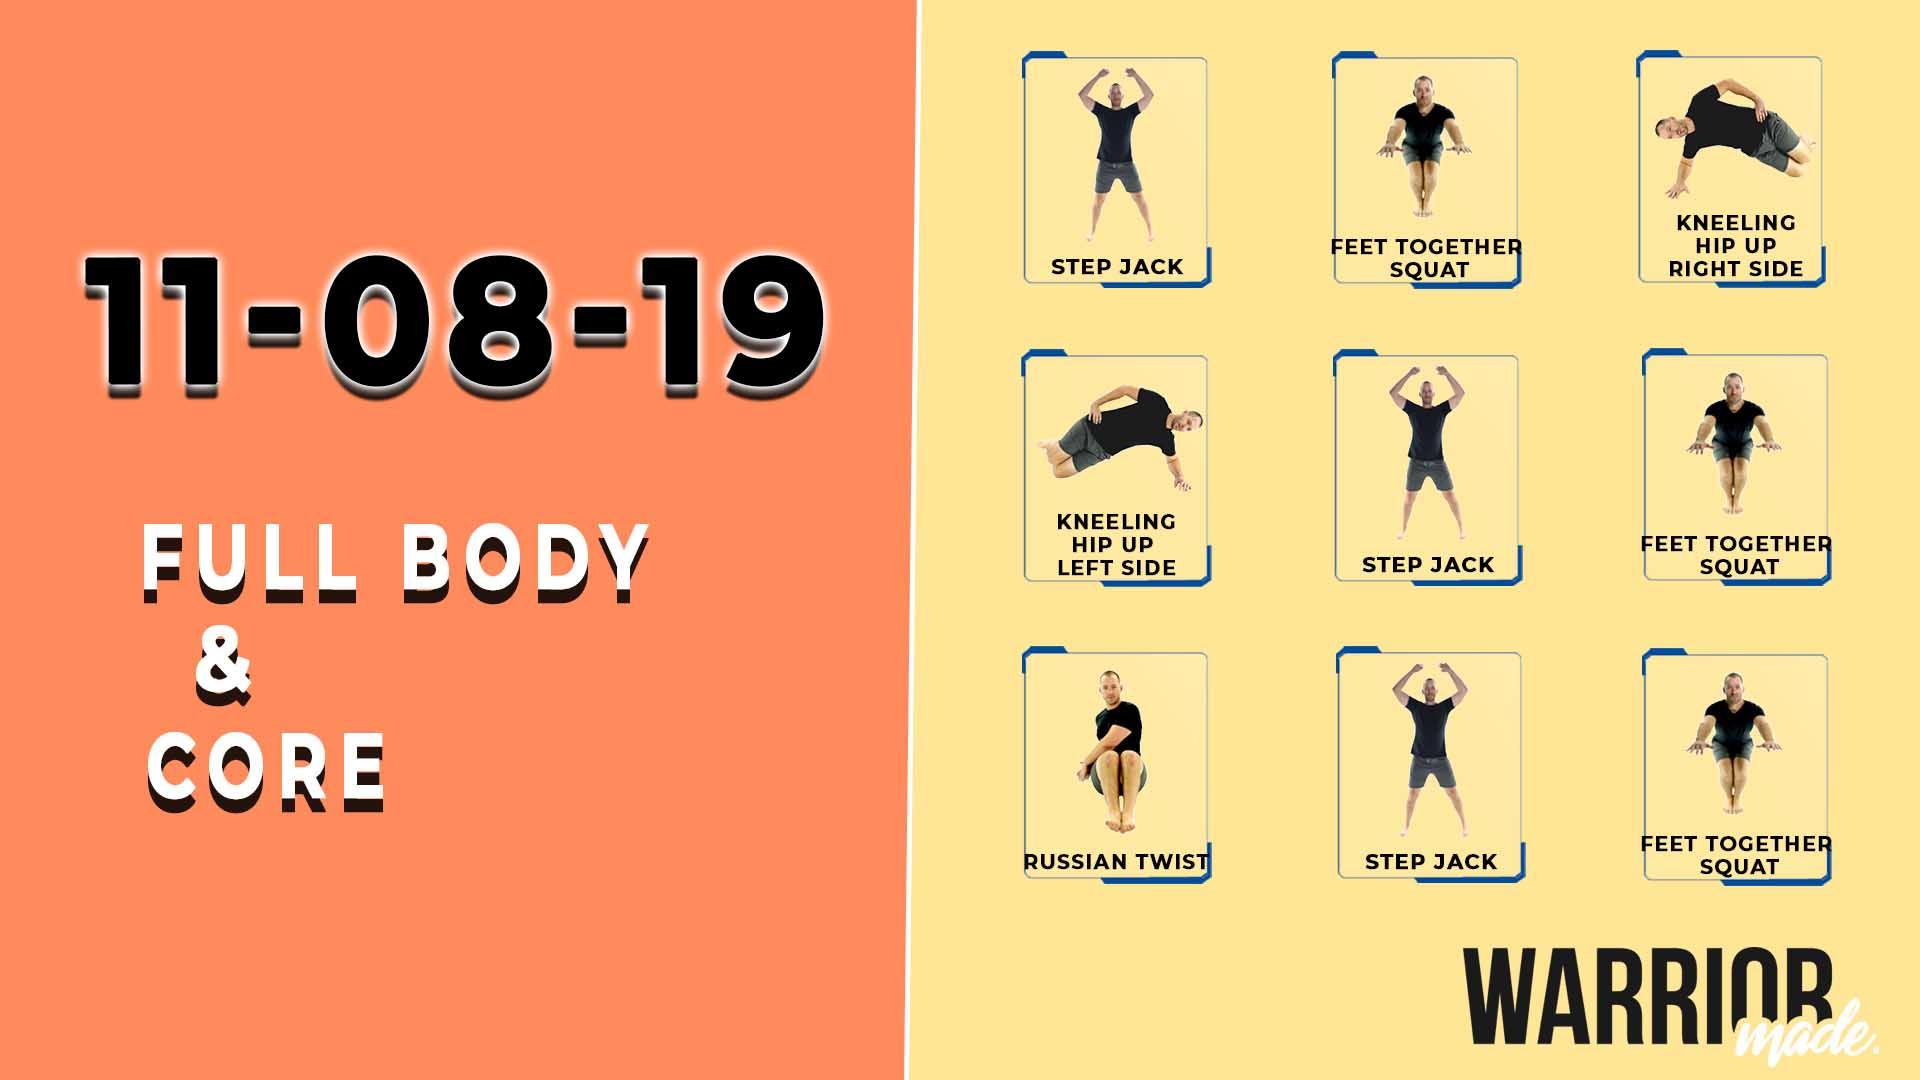 workouts-11-08-19